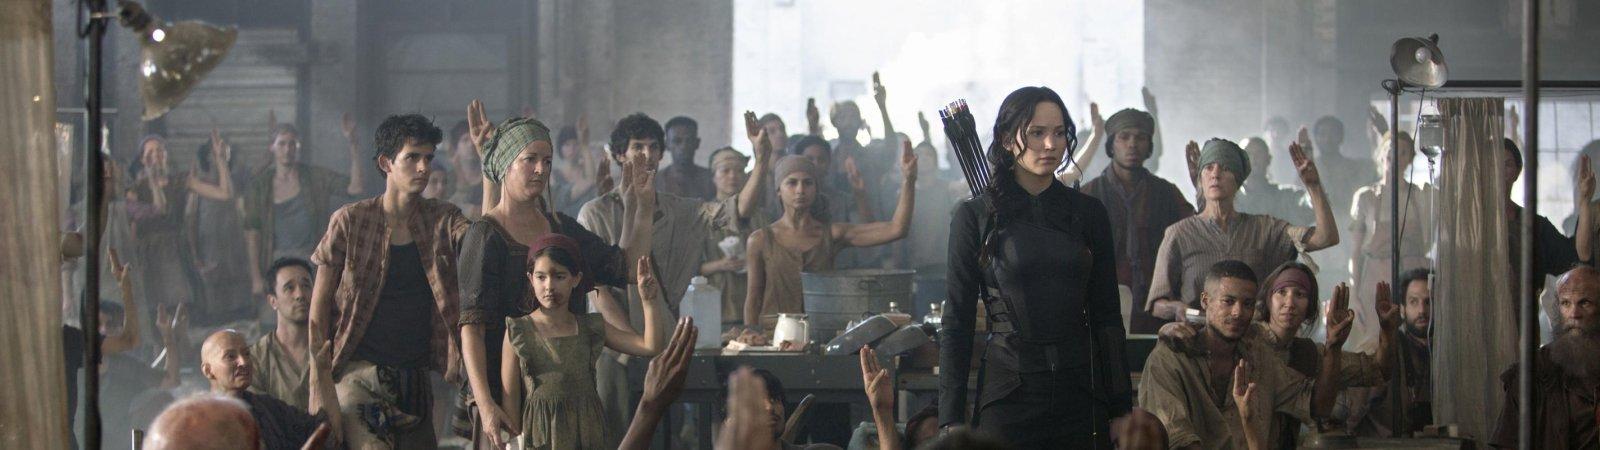 Photo du film : Hunger games - La révolte : Partie 1